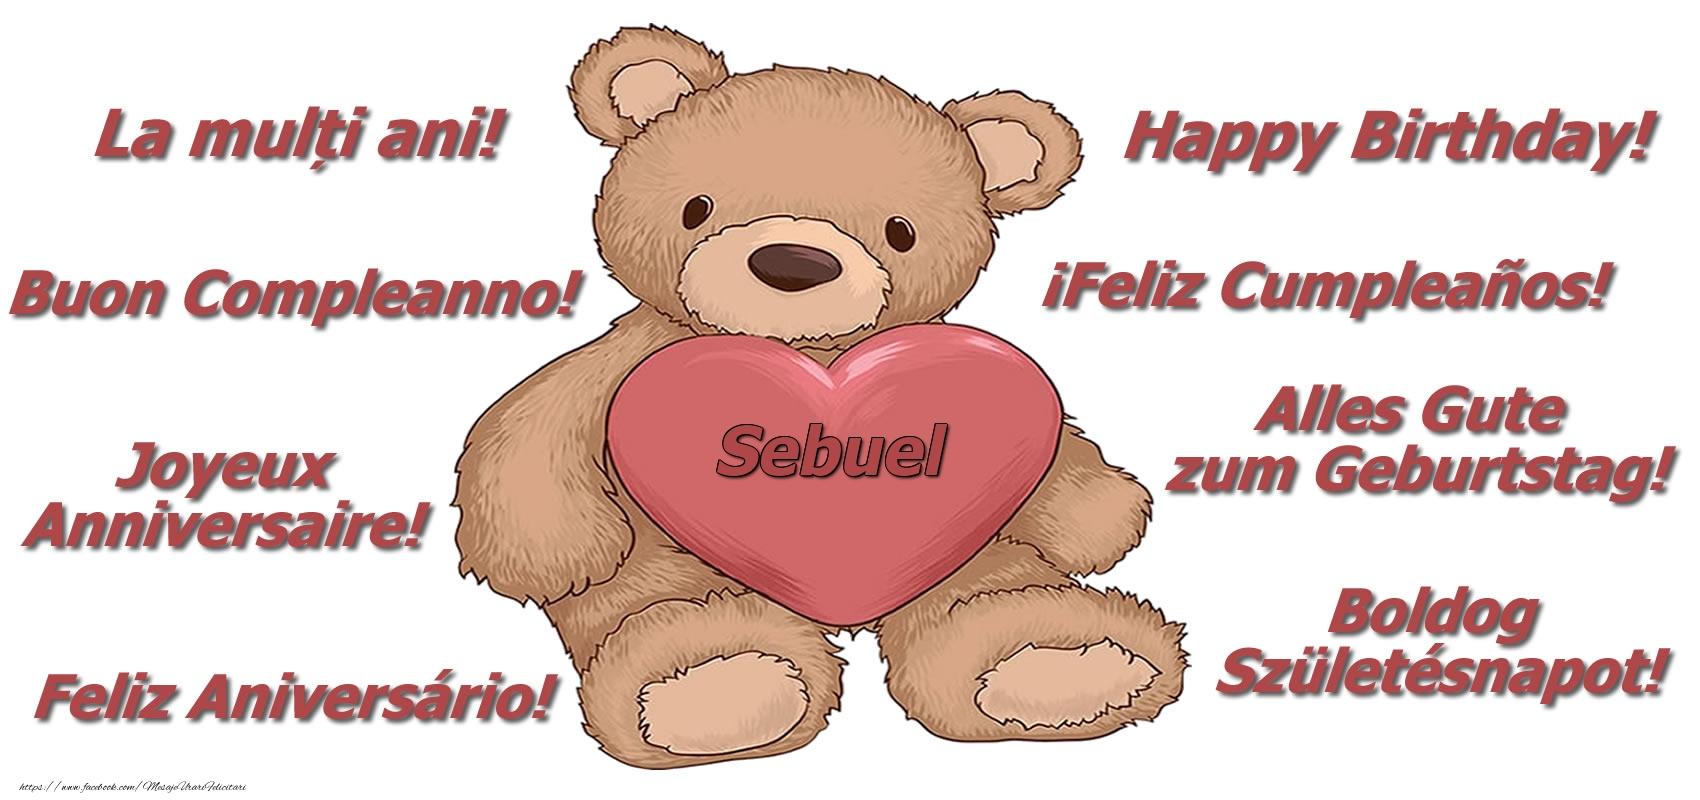 Felicitari de zi de nastere - La multi ani Sebuel! - Ursulet